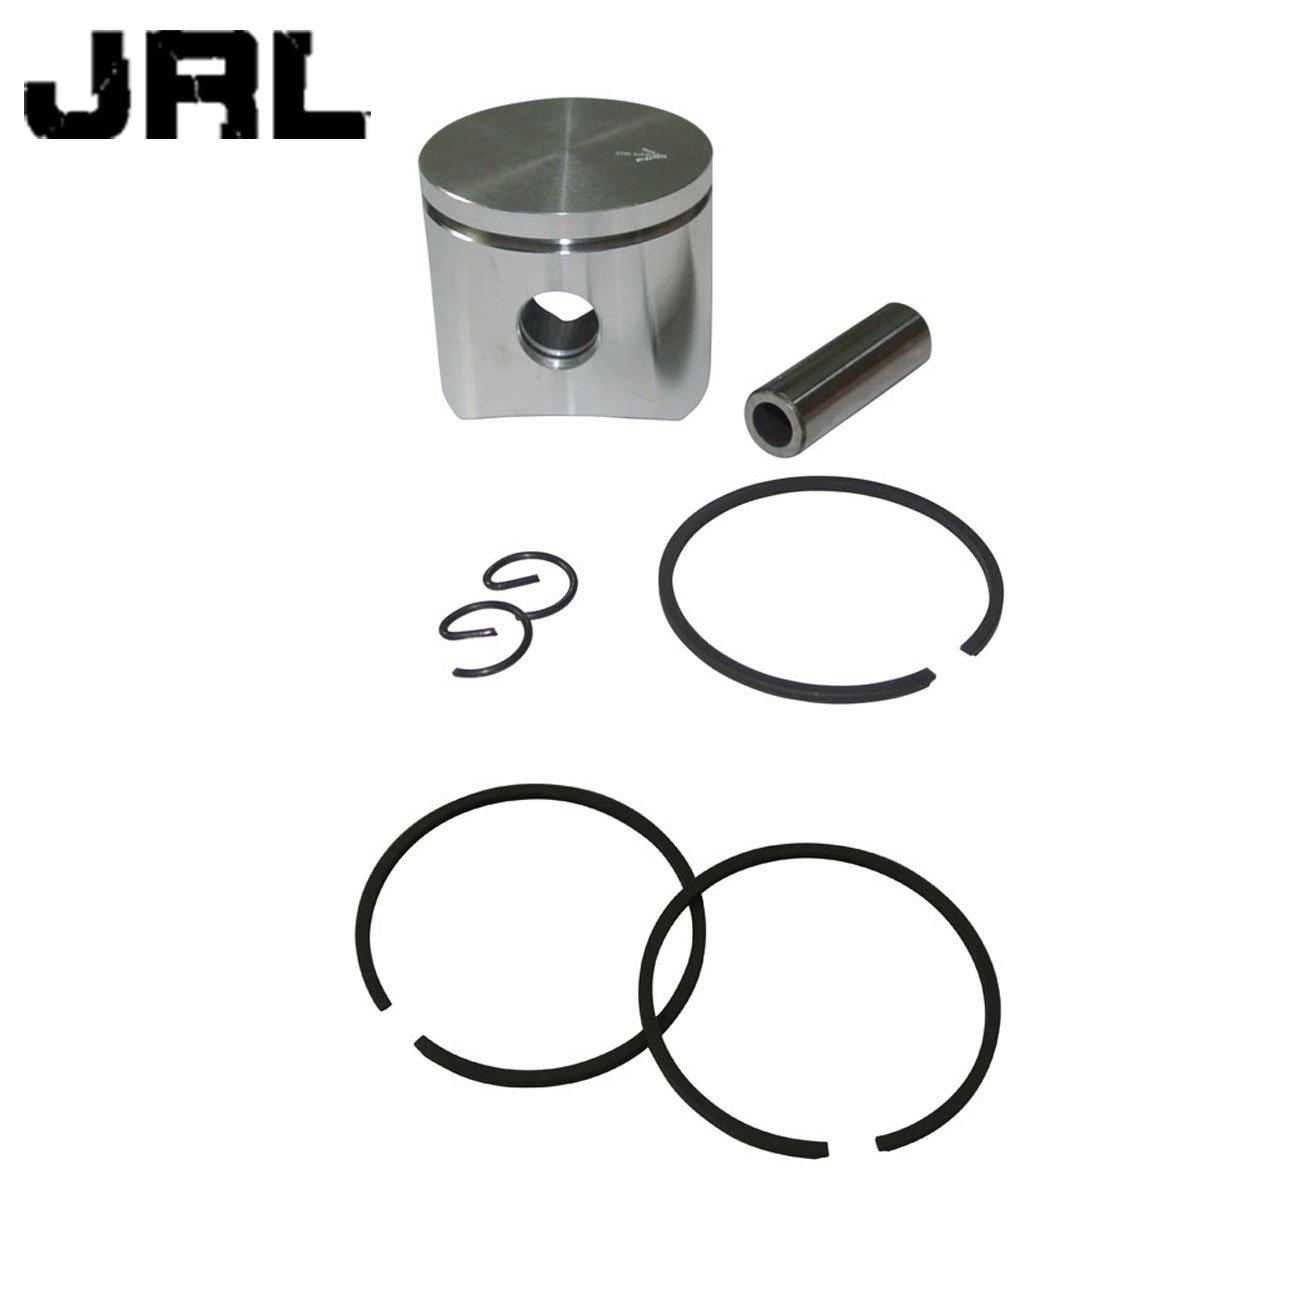 Jrl 38/mm WT Bague de piston pour tron/çonneuse Husqvarna 36/136/137/# 530/06/99 40